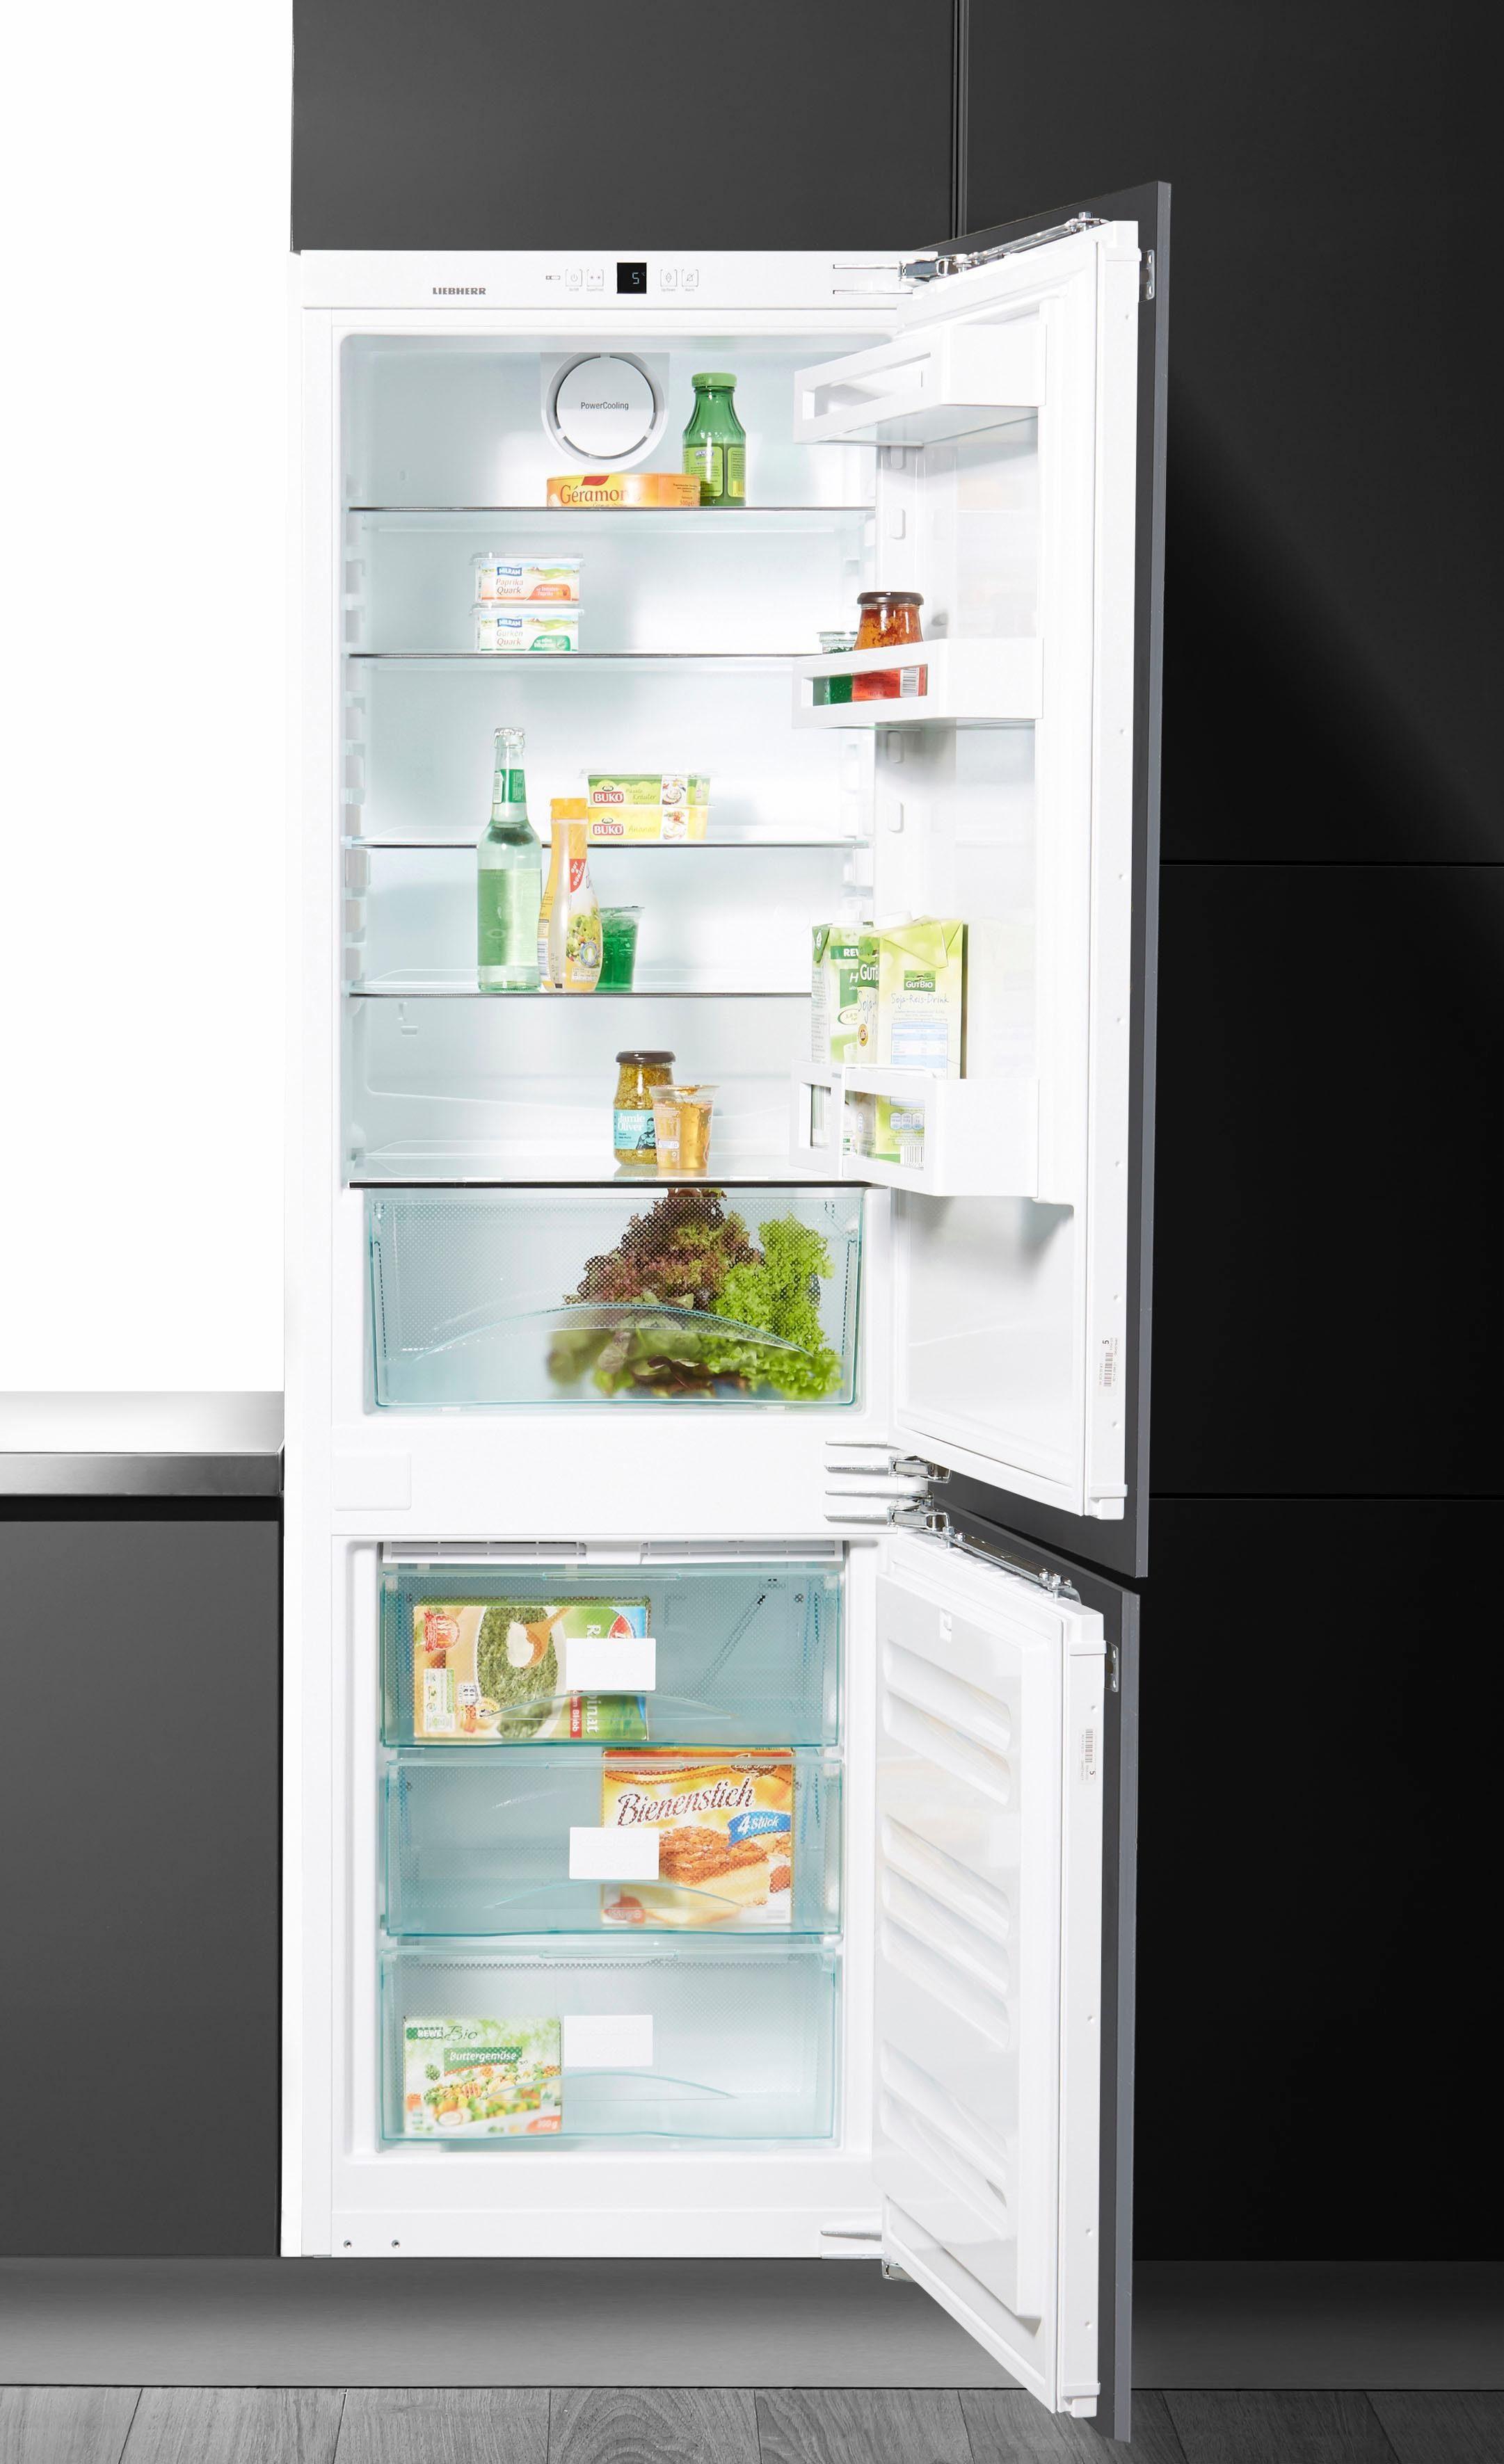 Liebherr integrierbare Einbau-Kühl-Gefrier-Kombination ICUN 3324, Energieklasse A++, 177 cm hoch